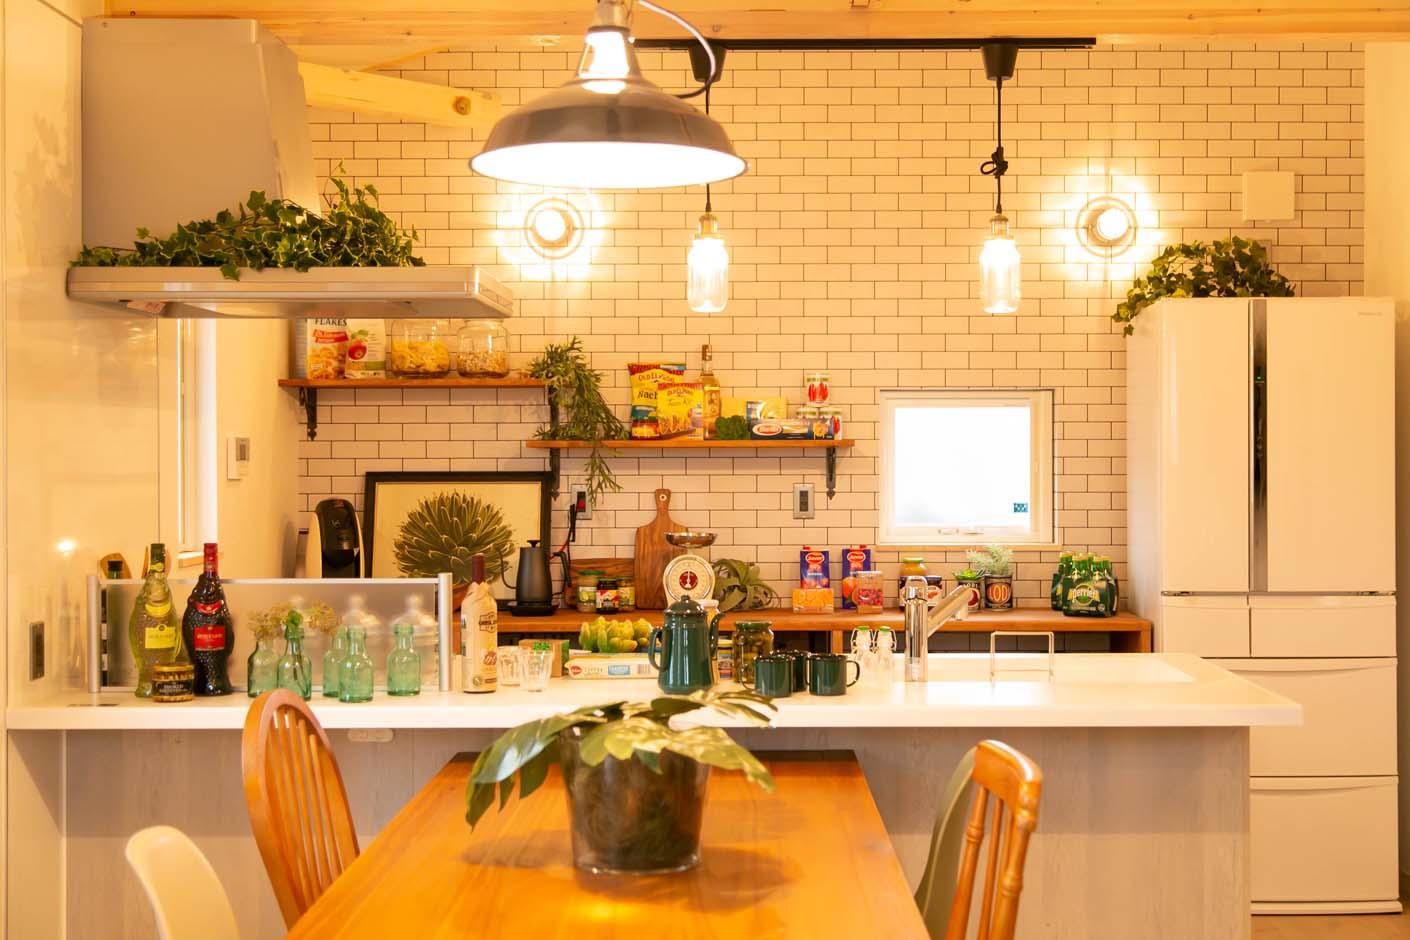 BinO志太・榛原 マルジン総建【焼津市祢宜島407-9・モデルハウス】アクセントクロスが目を引くキッチン。毎日の家事が楽しくなるような装飾を取り入れた